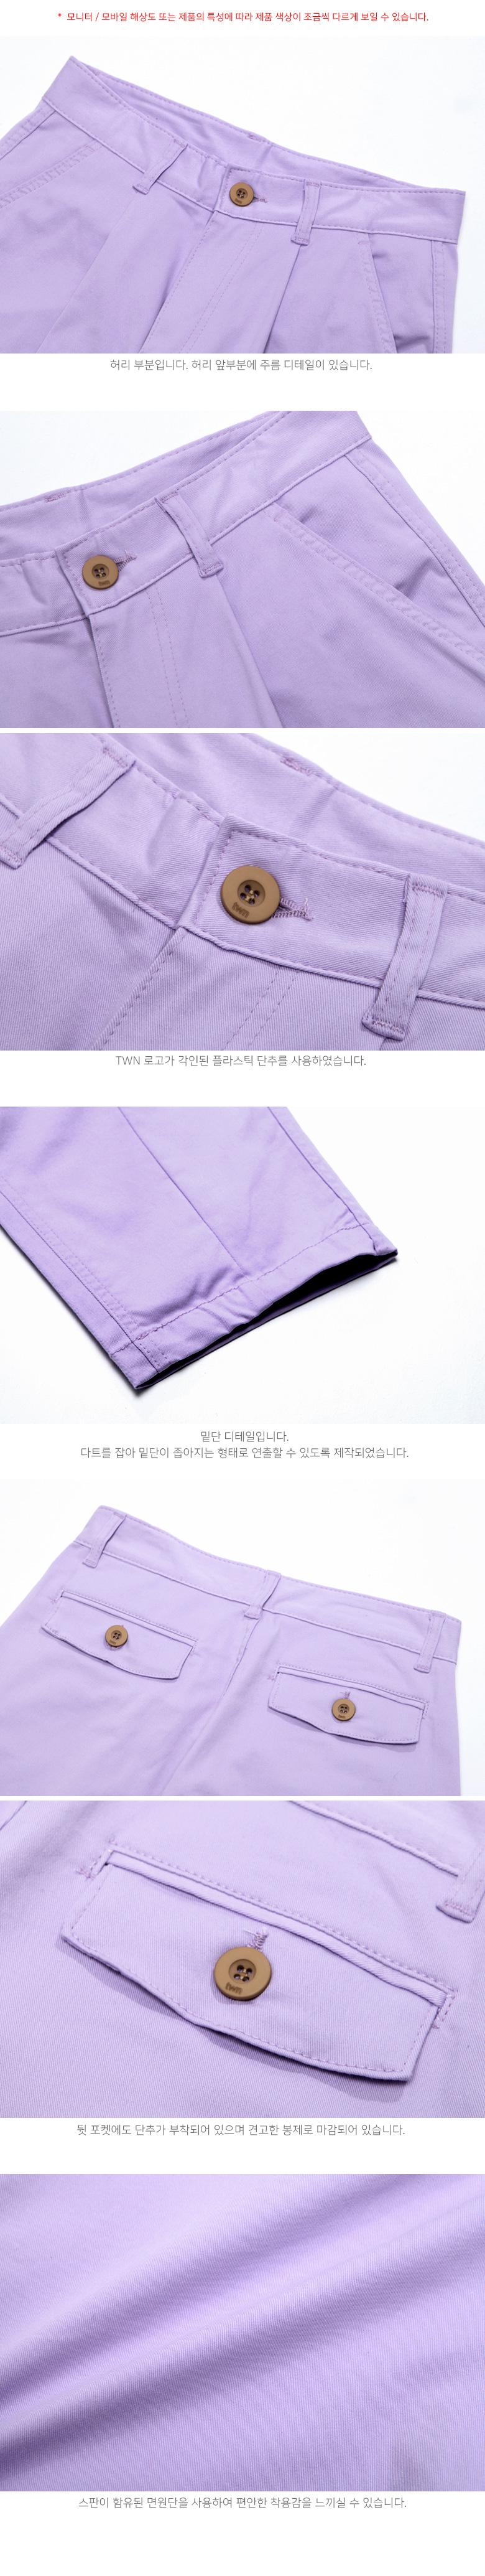 20190819_twn_comfy_detail_violet_lm_02.jpg